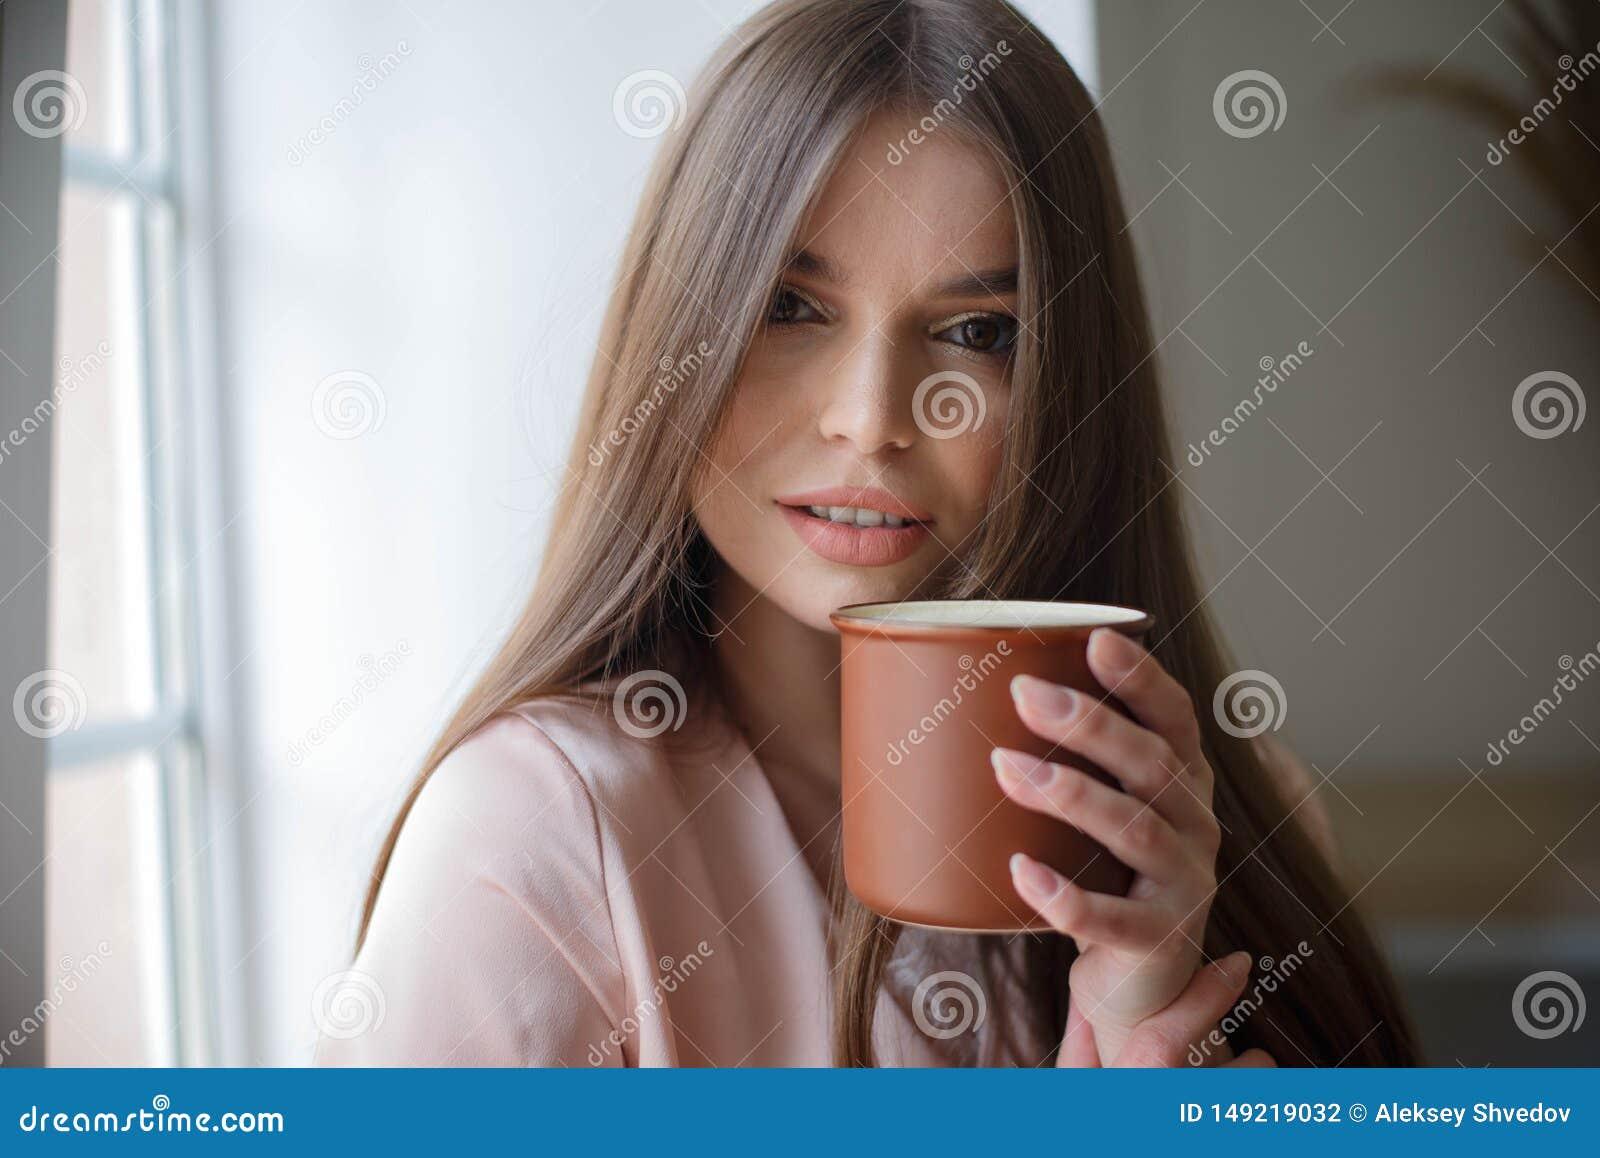 La bella ragazza sta bevendo il caff? e sta sorridendo mentre si sedeva al caff?